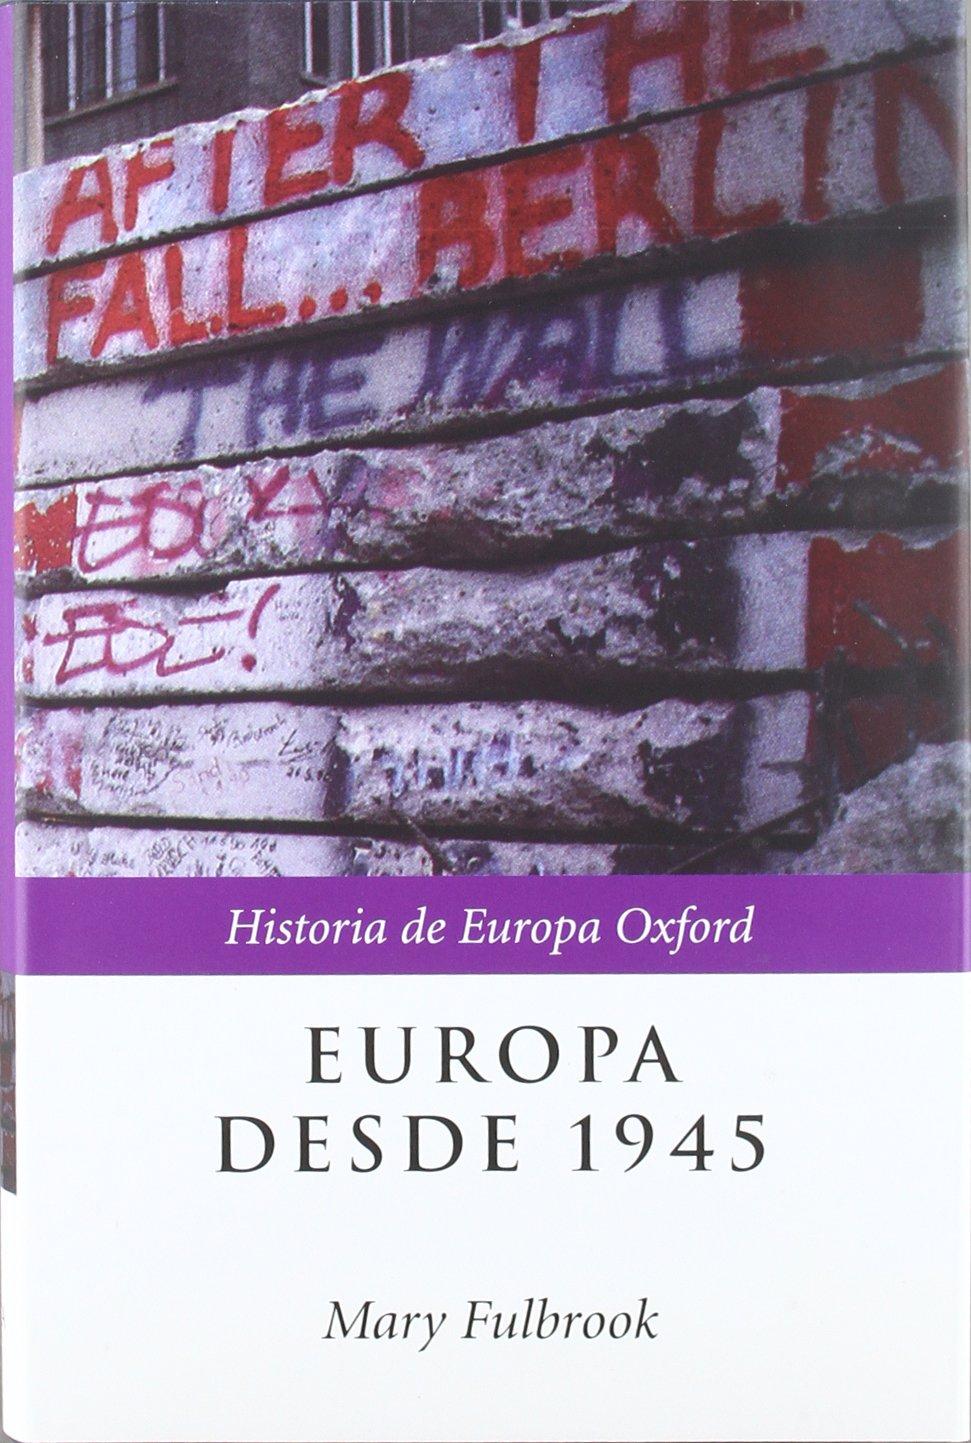 Europa desde 1945 (Historia de Europa Oxford): Amazon.es: Fulbrook, Mary: Libros